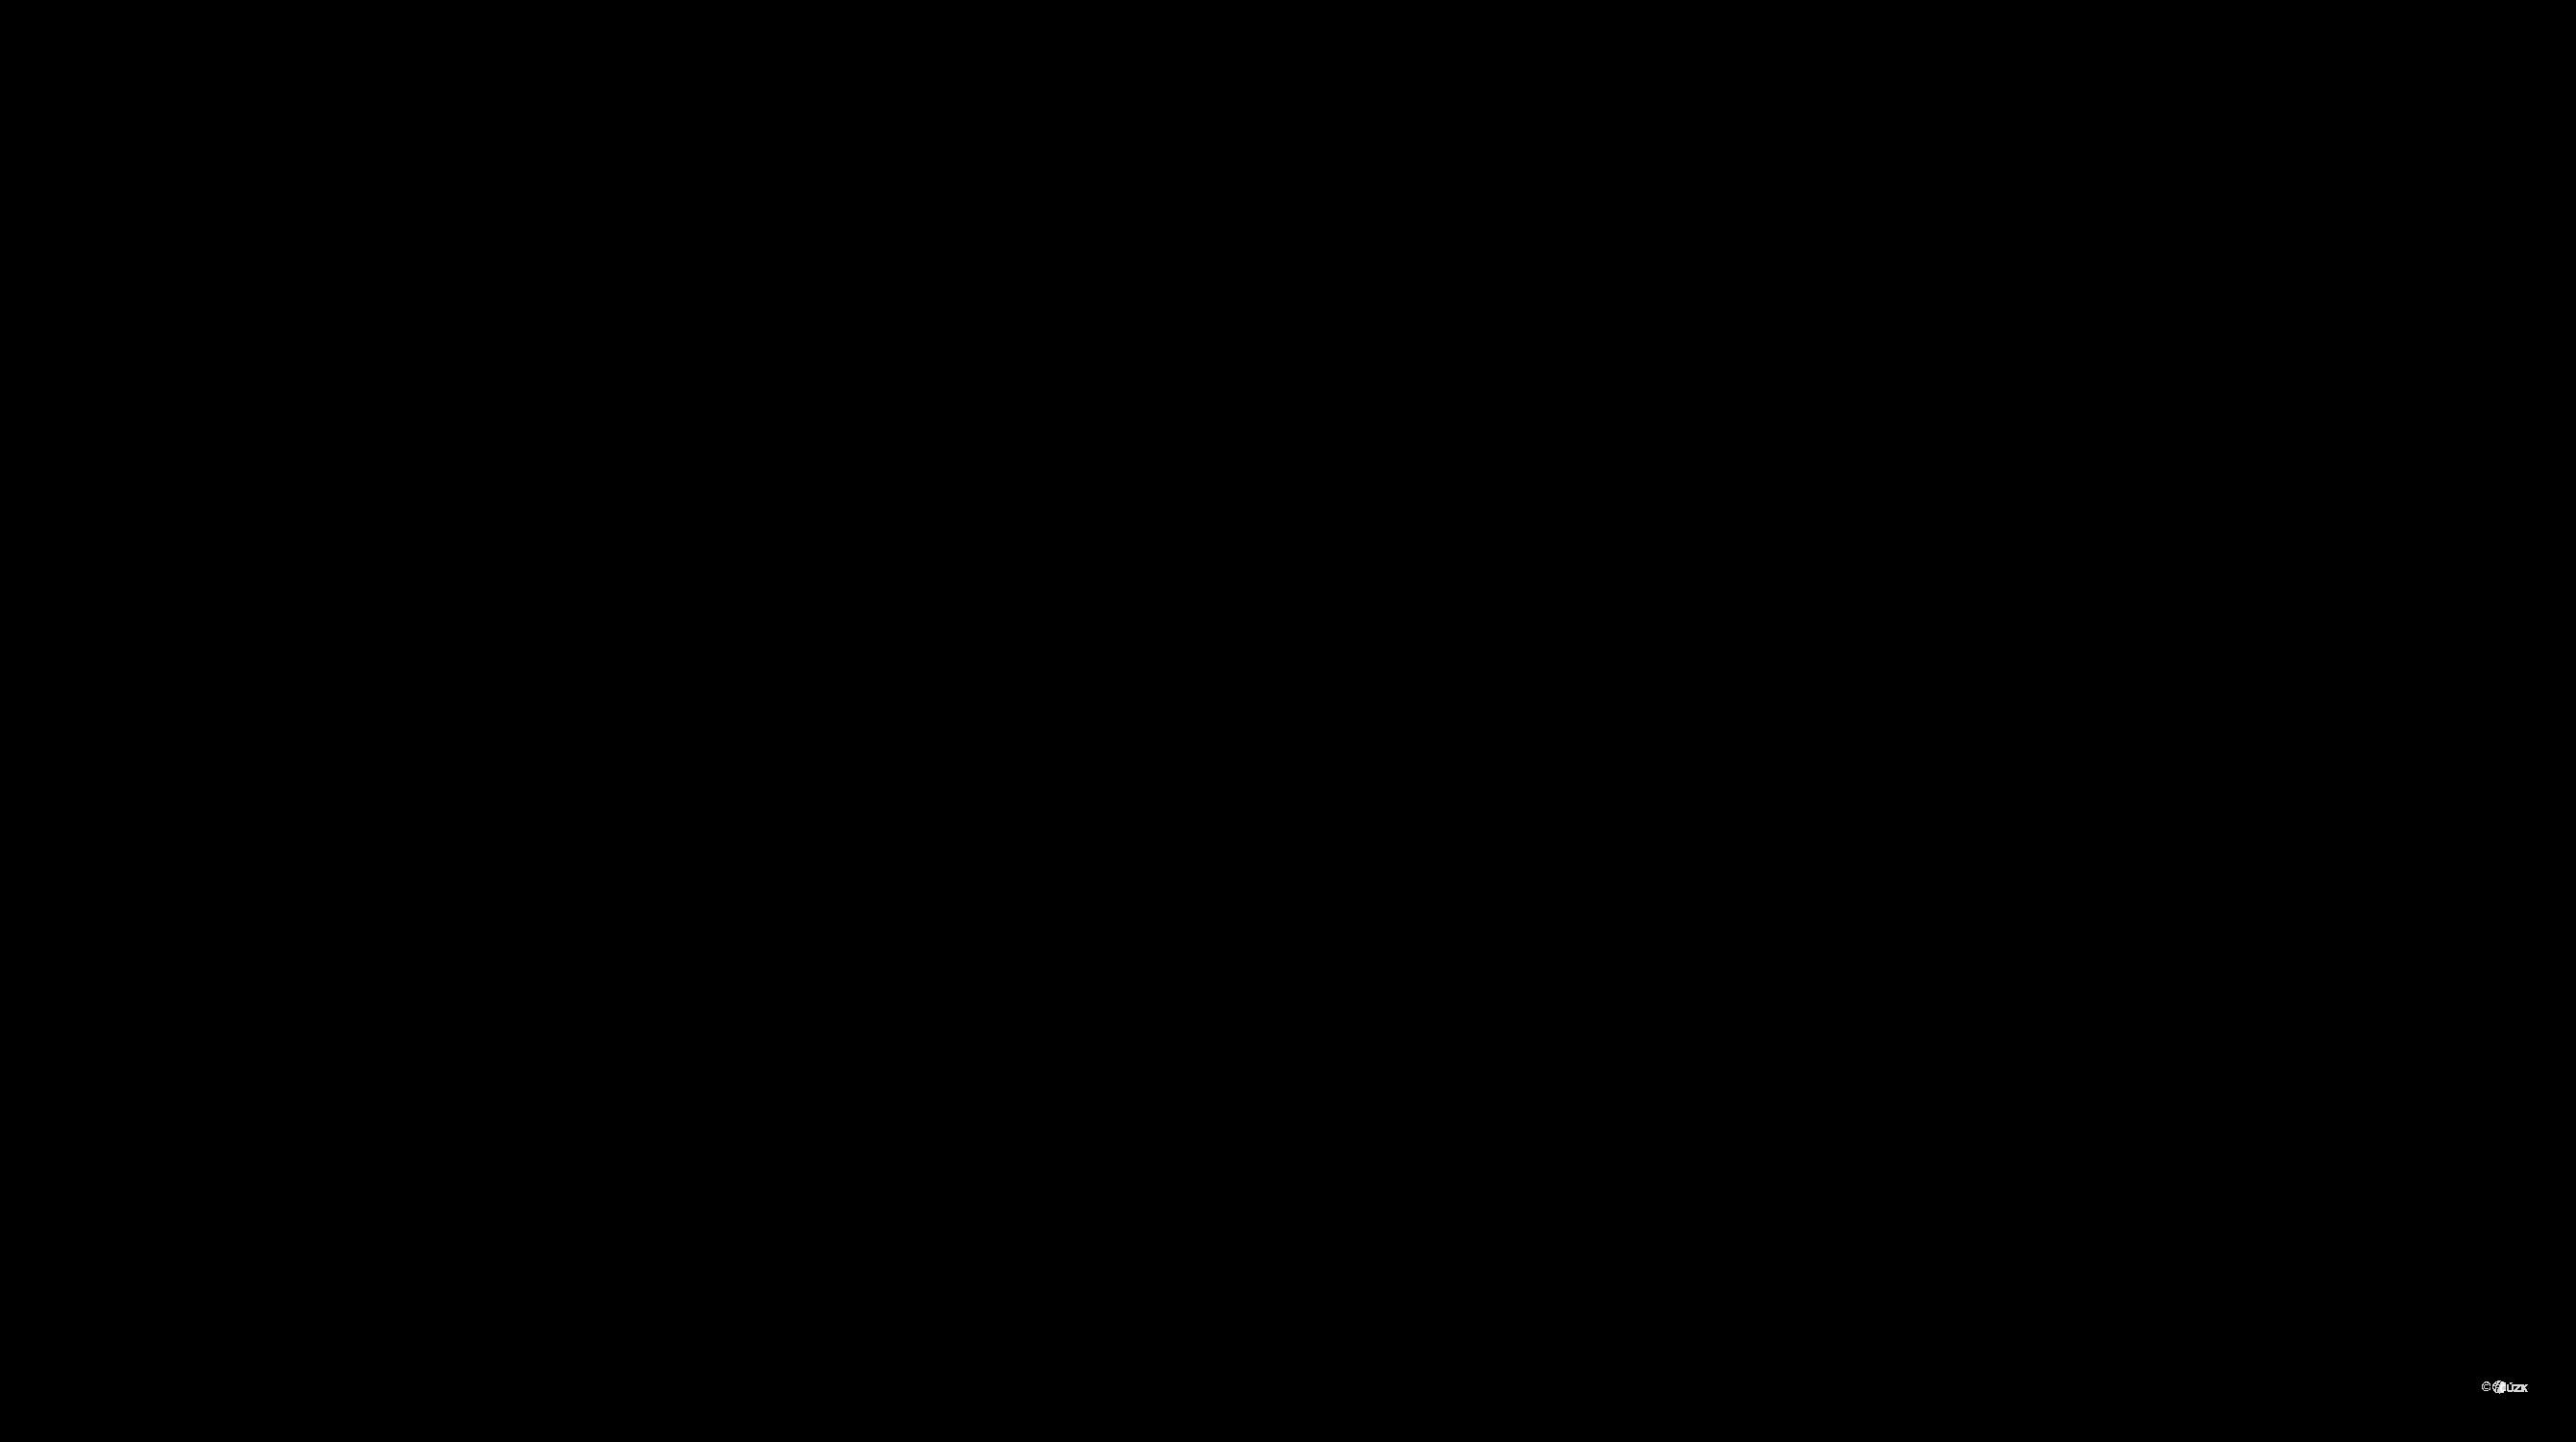 Katastrální mapa pozemků a čísla parcel Libhošť